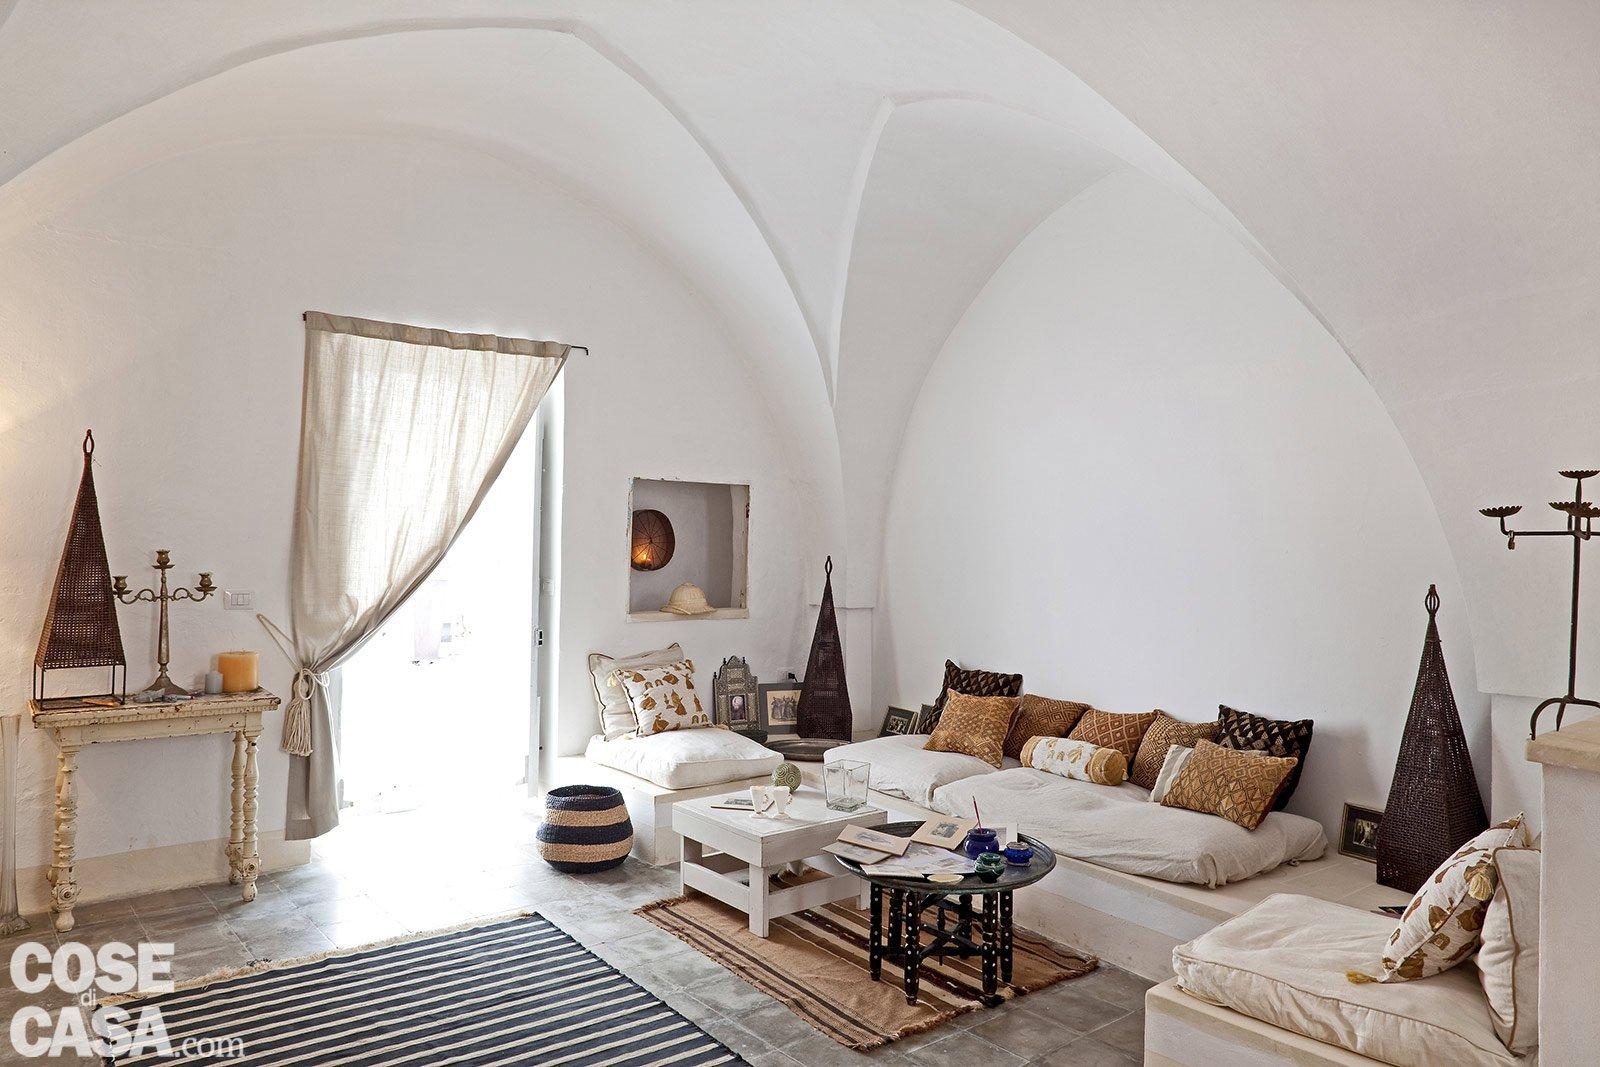 Una casa in pietra in stile mediterraneo cose di casa for Camere da letto basso costo